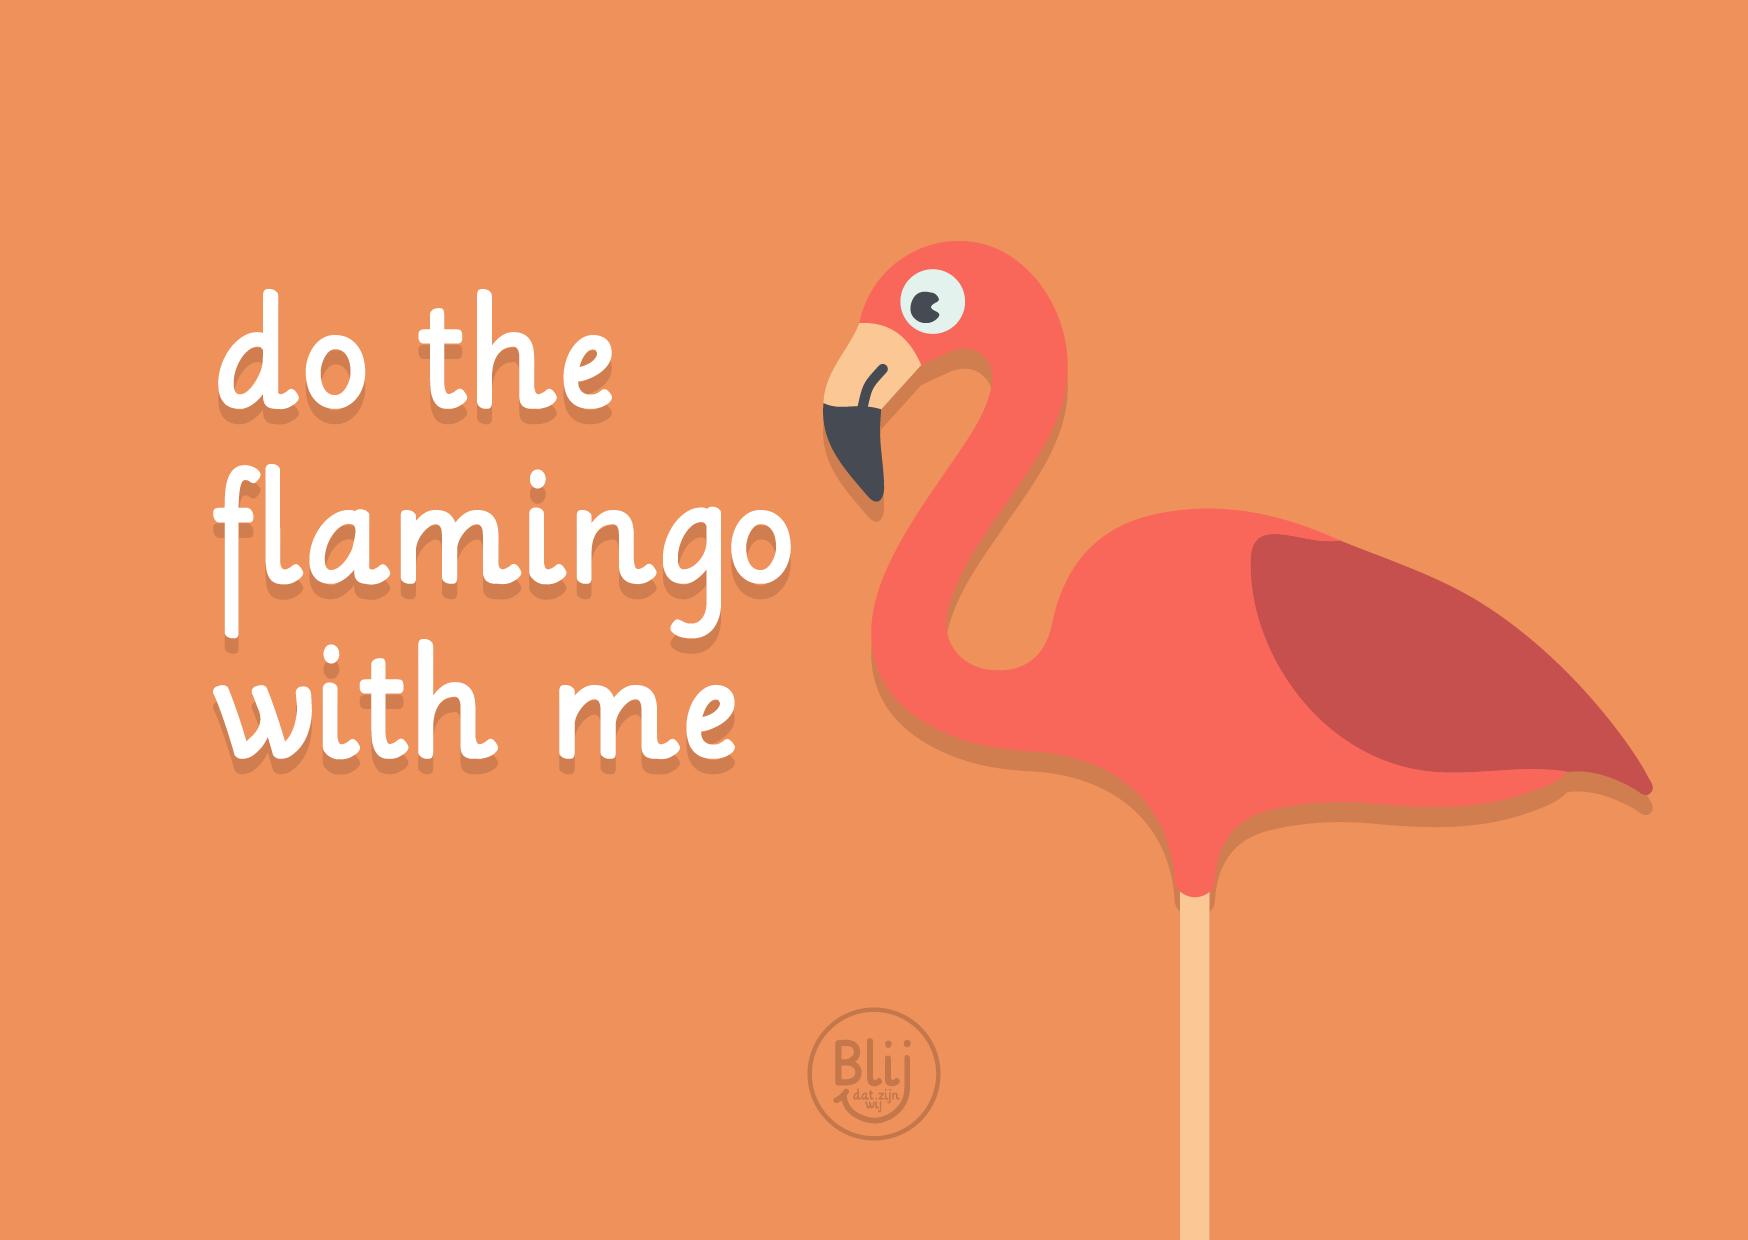 do the flamingo with me blijdatzijnwij.nl